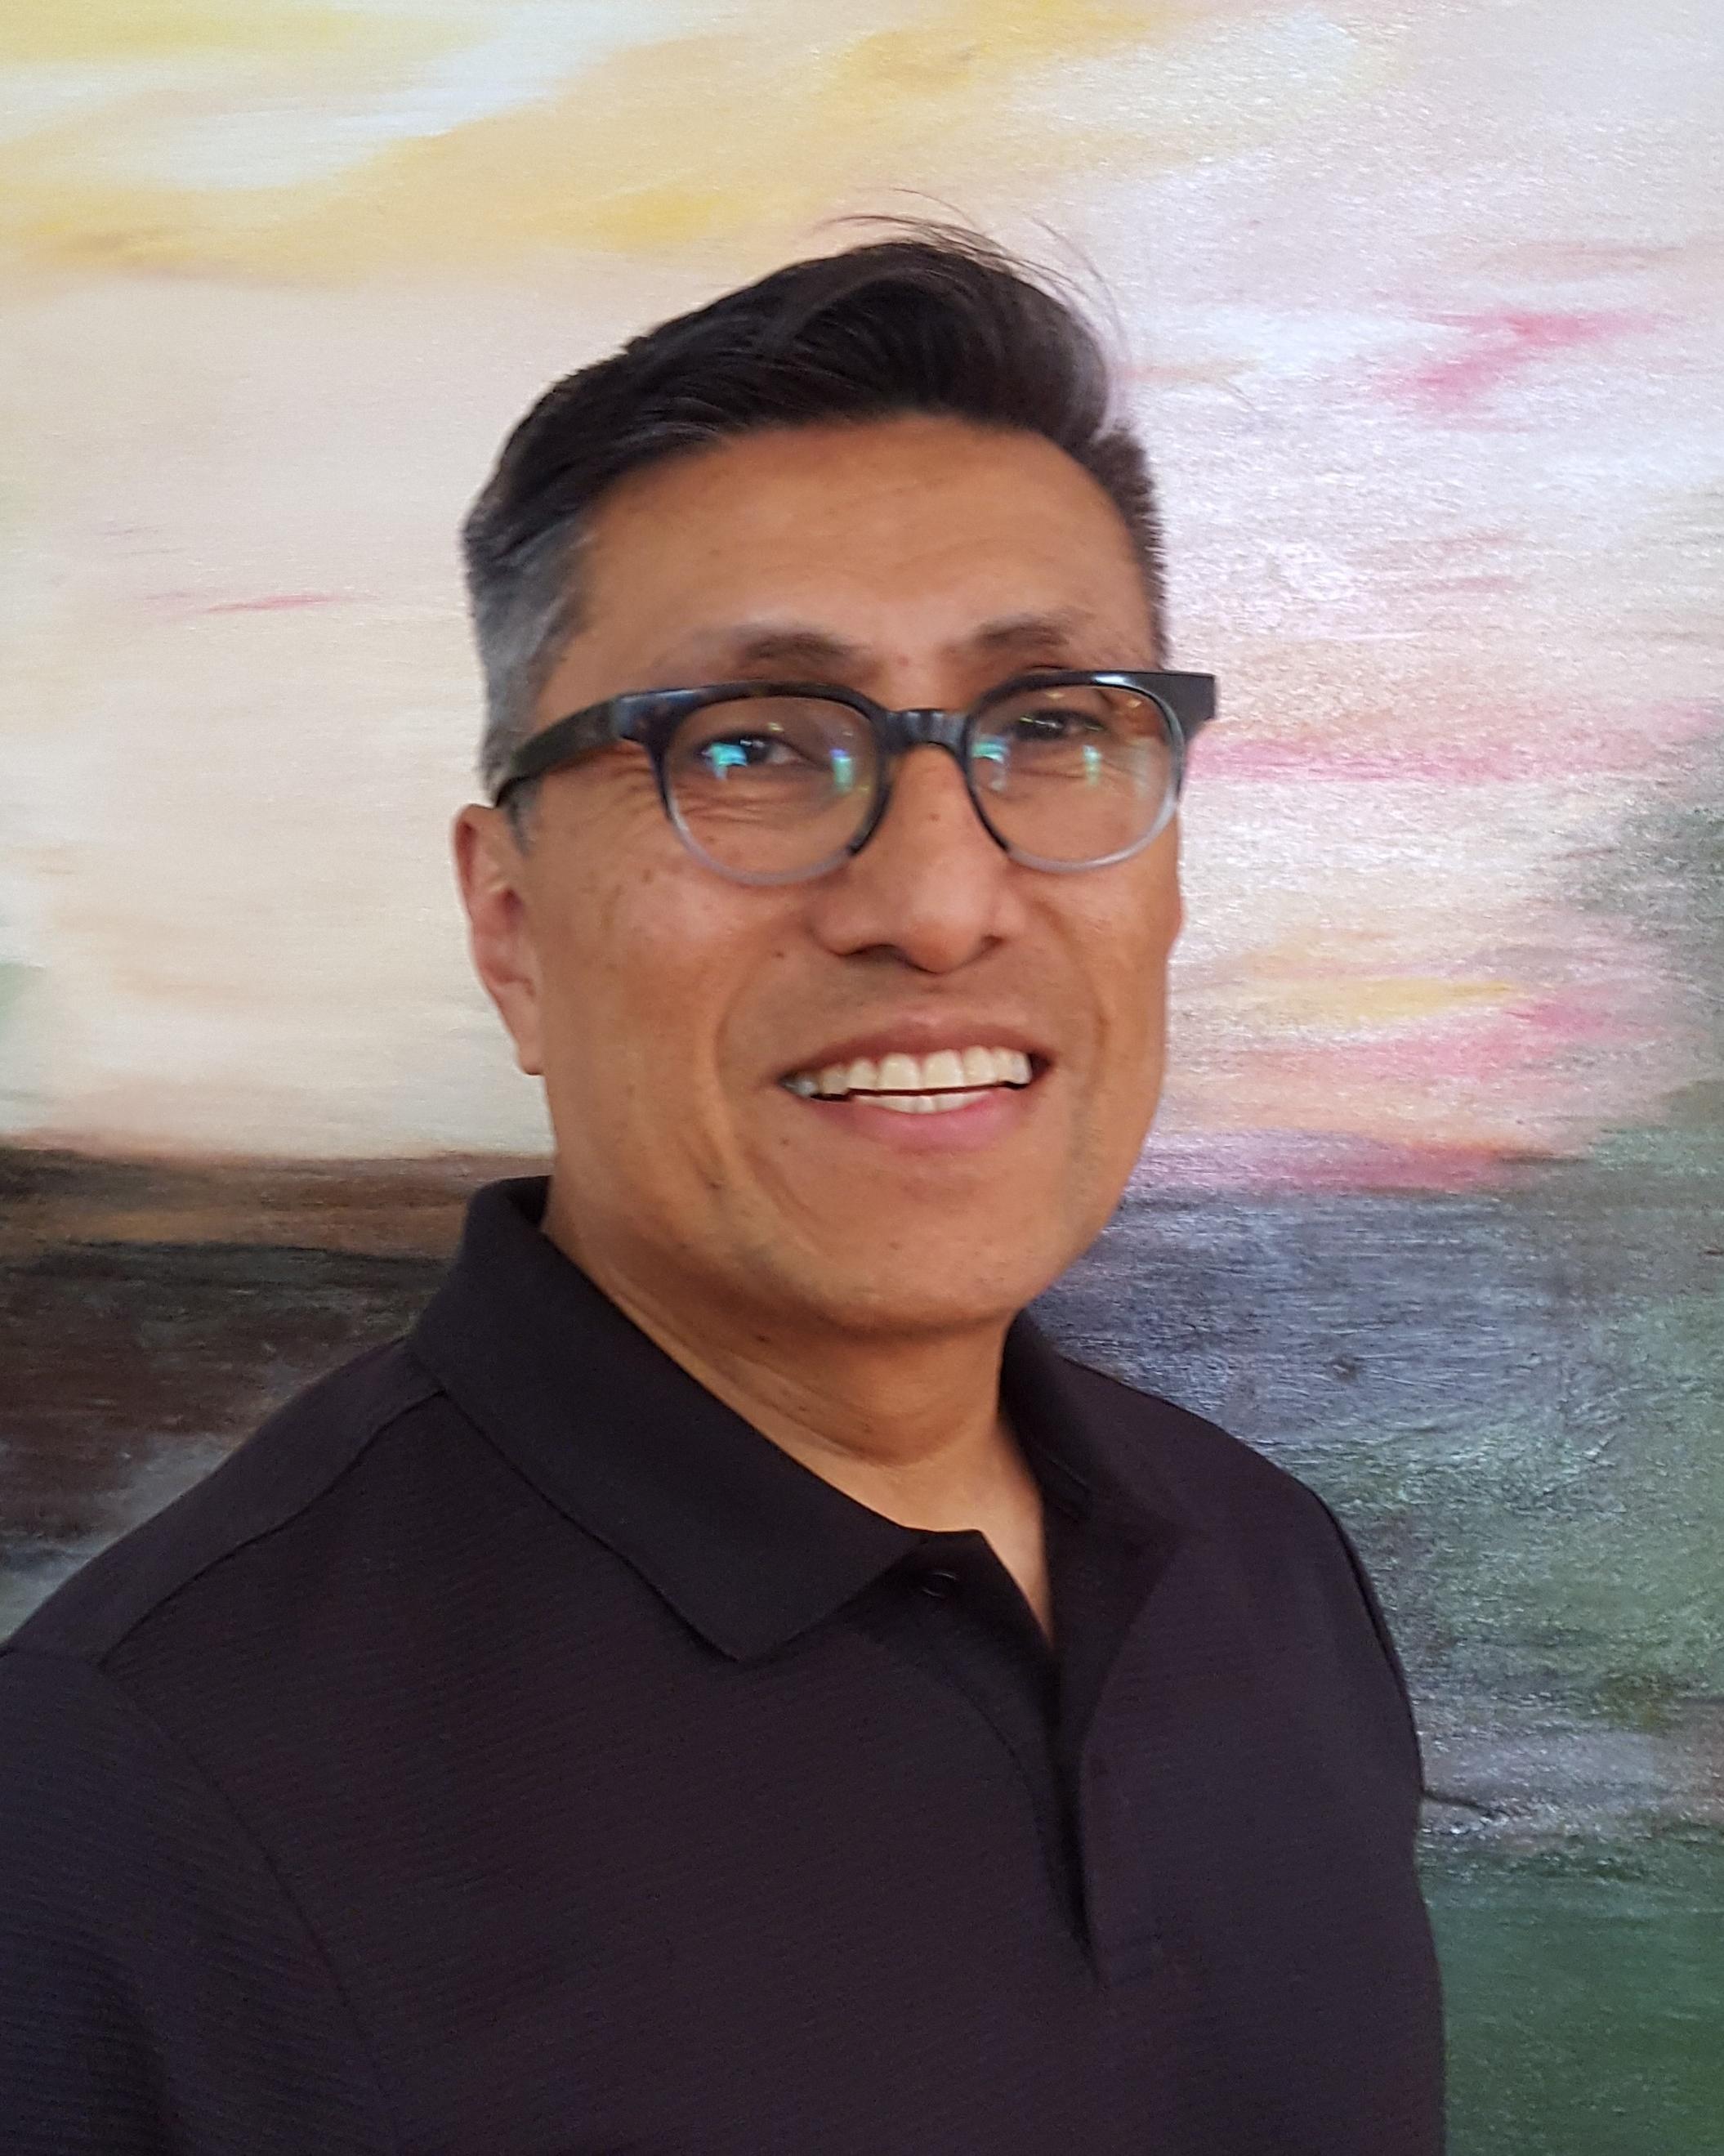 Rev. Rick DeLaTorre